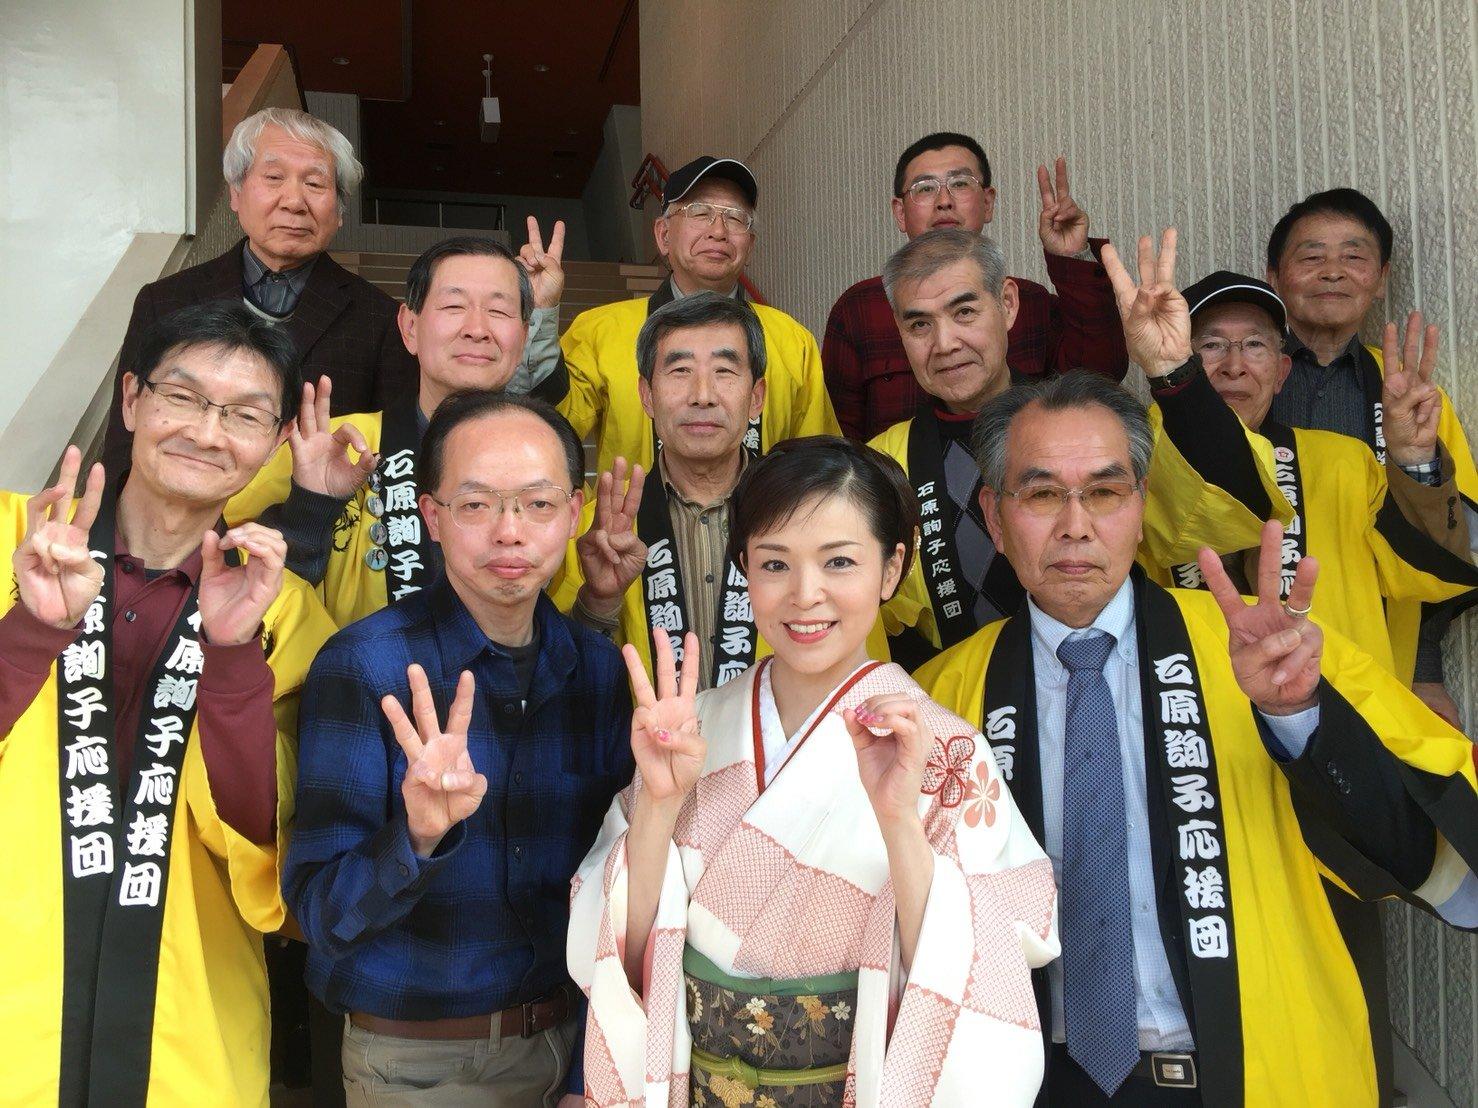 歌と踊りの祭典 in 松阪